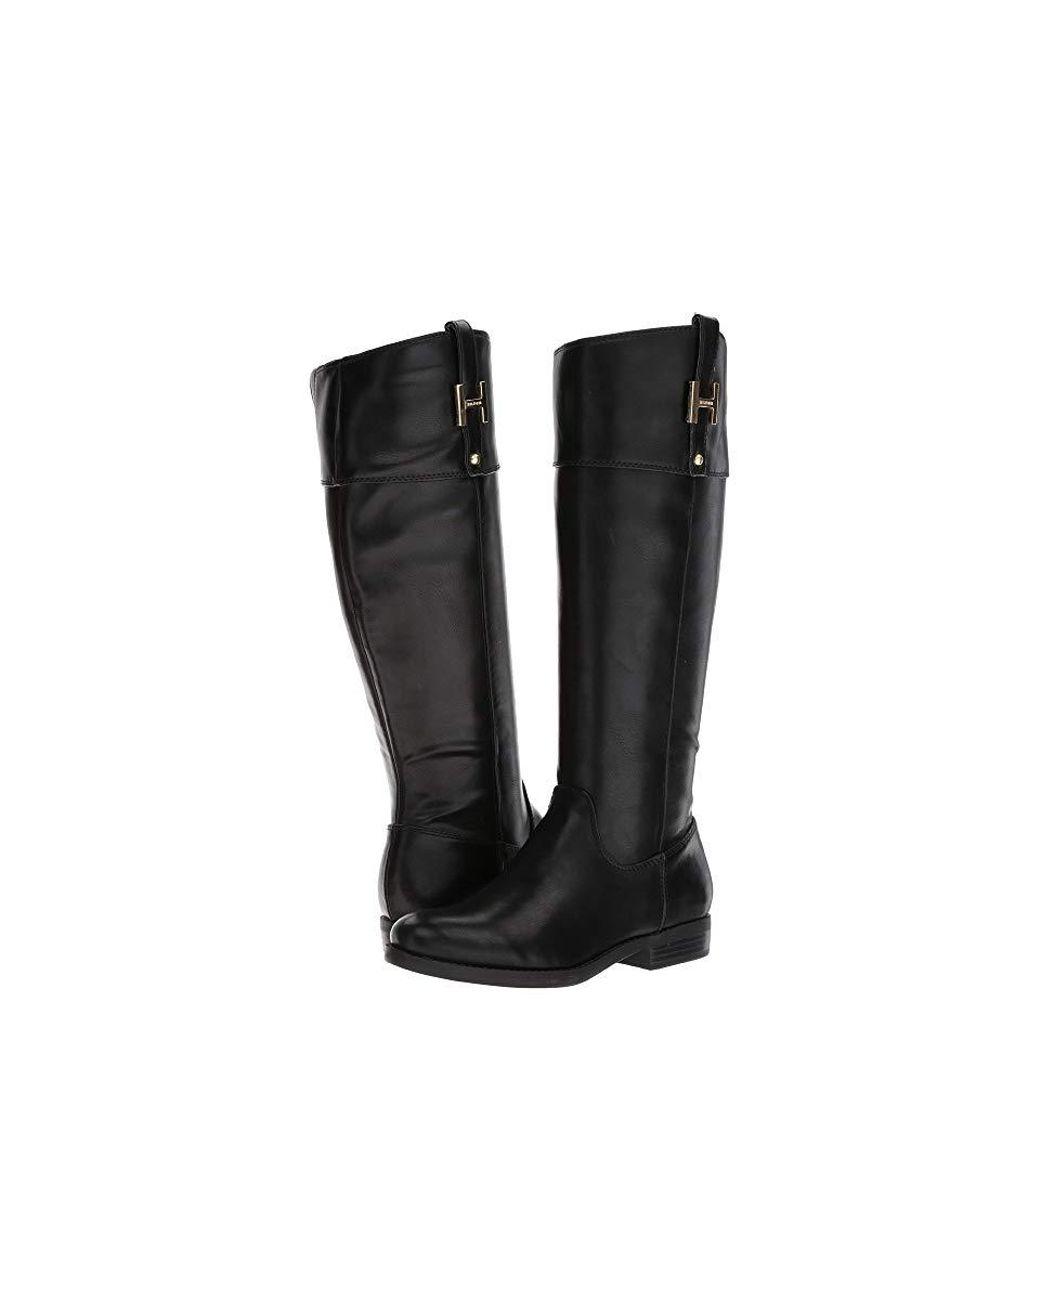 fb648d4f Tommy Hilfiger Shyenne Equestrian Boot in Black - Save 48% - Lyst